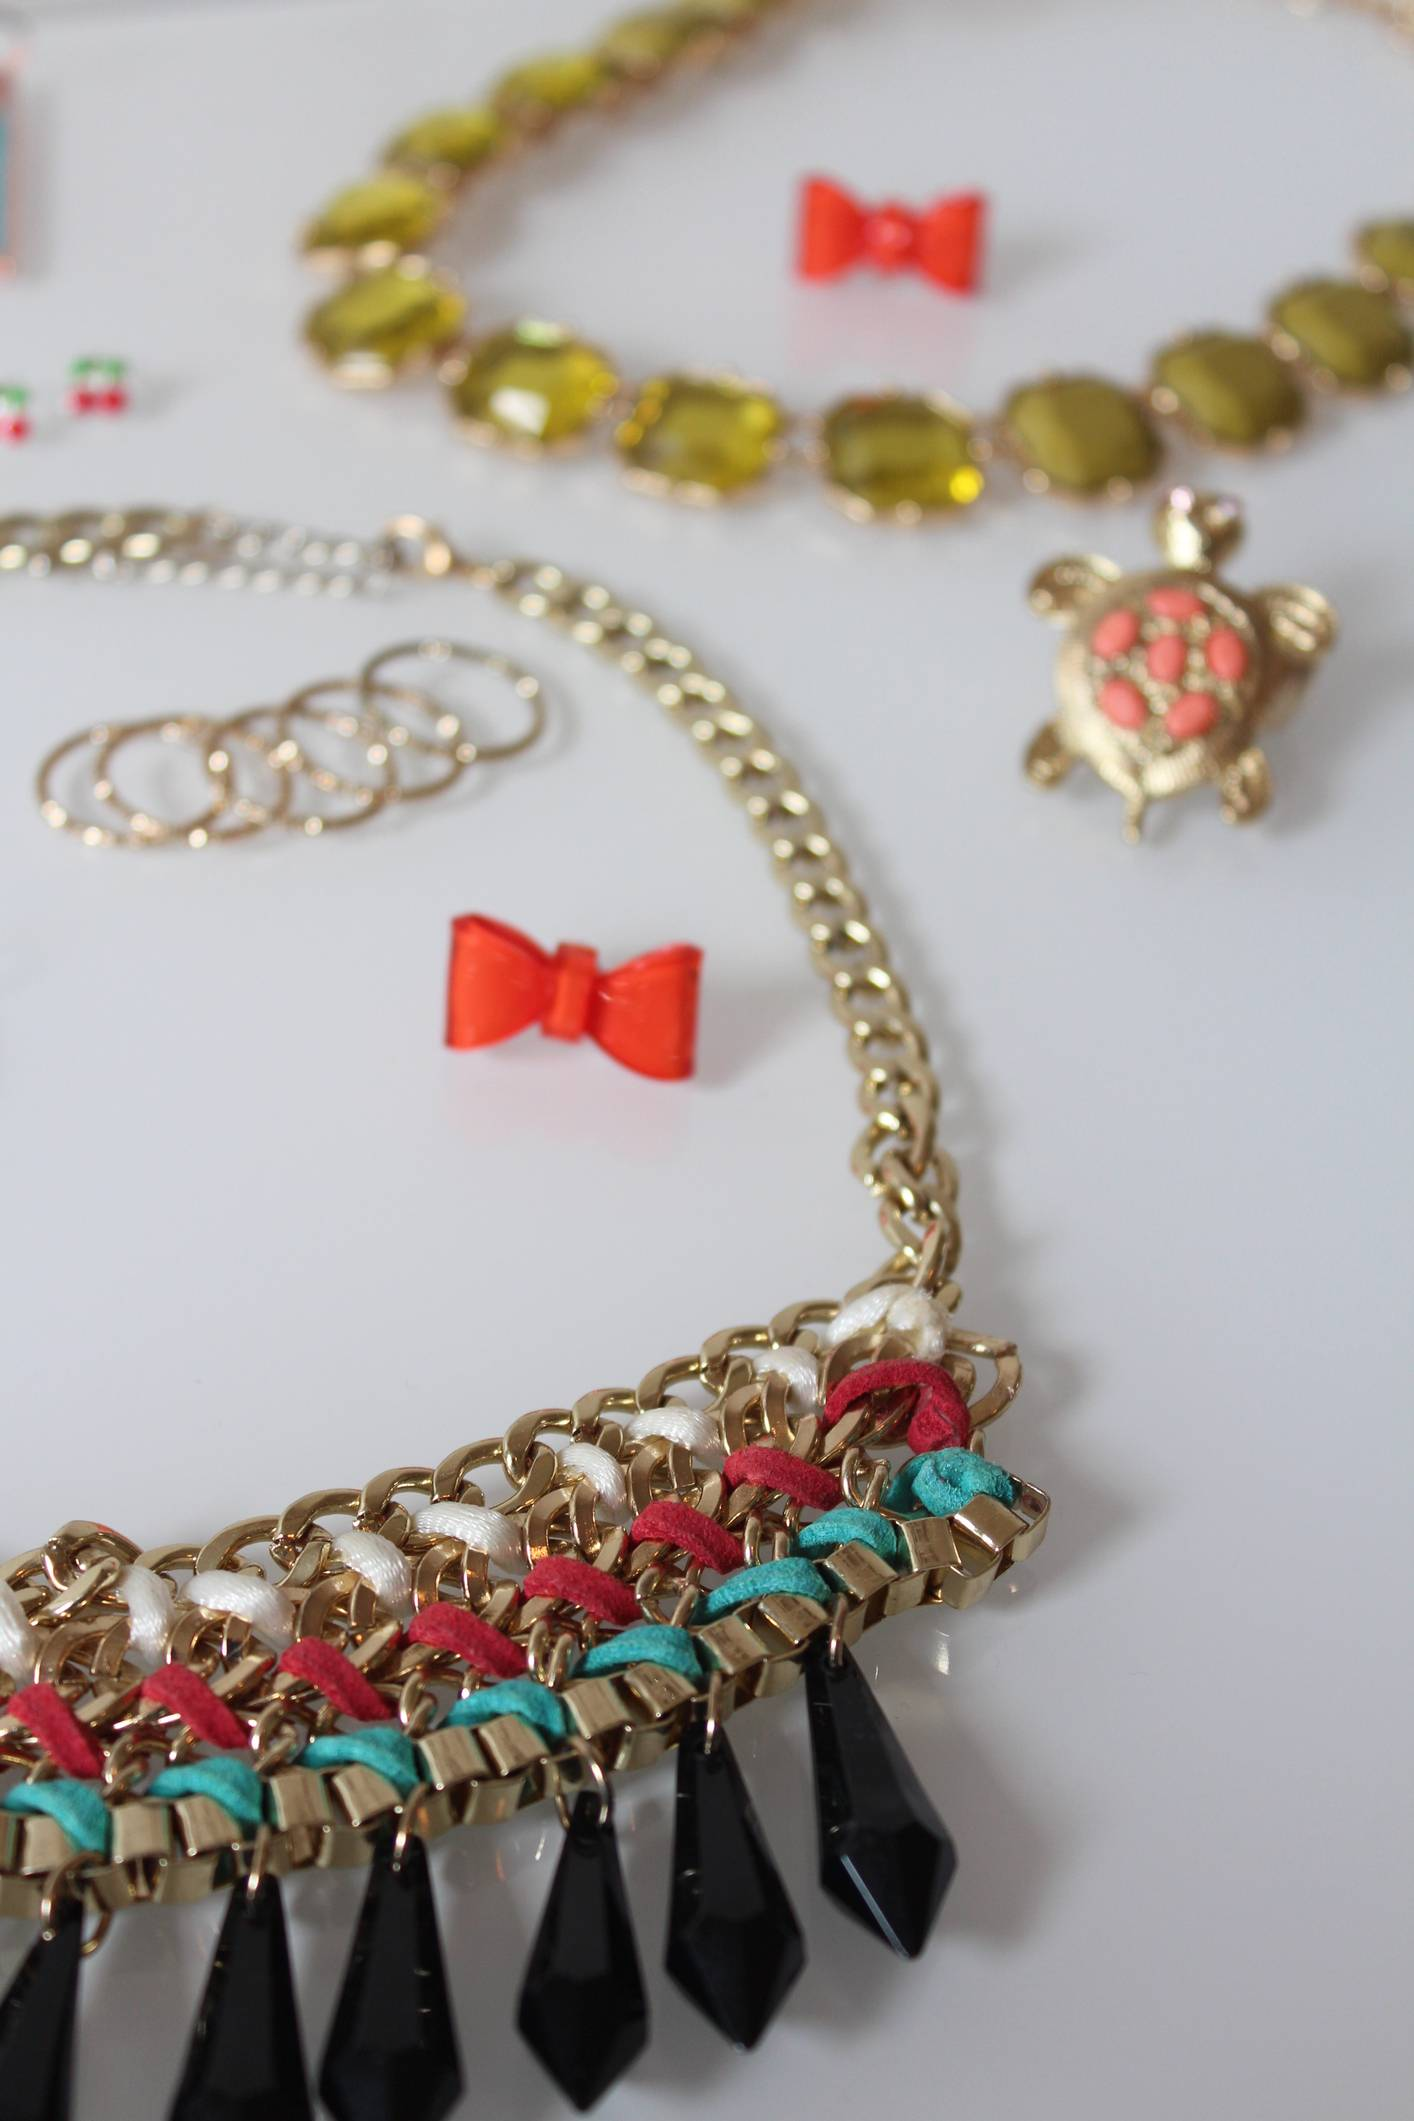 Comment se lancer dans la vente de bijoux fantaisie ?